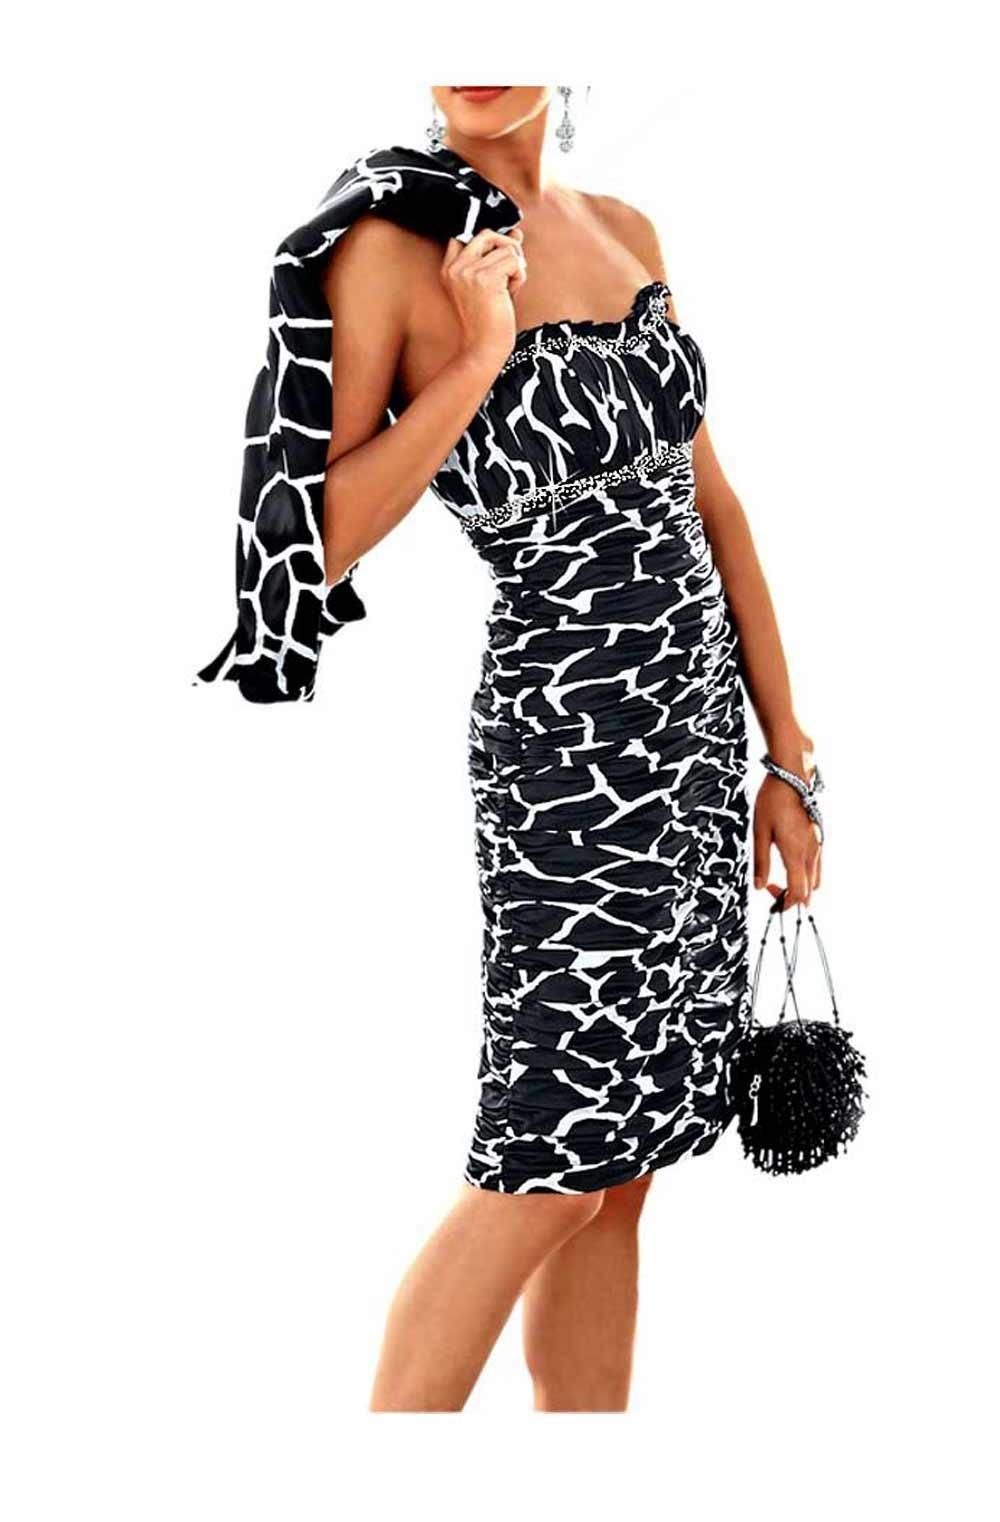 13 Perfekt Kleider In Schwarz Weiß Bester Preis Schön Kleider In Schwarz Weiß für 2019